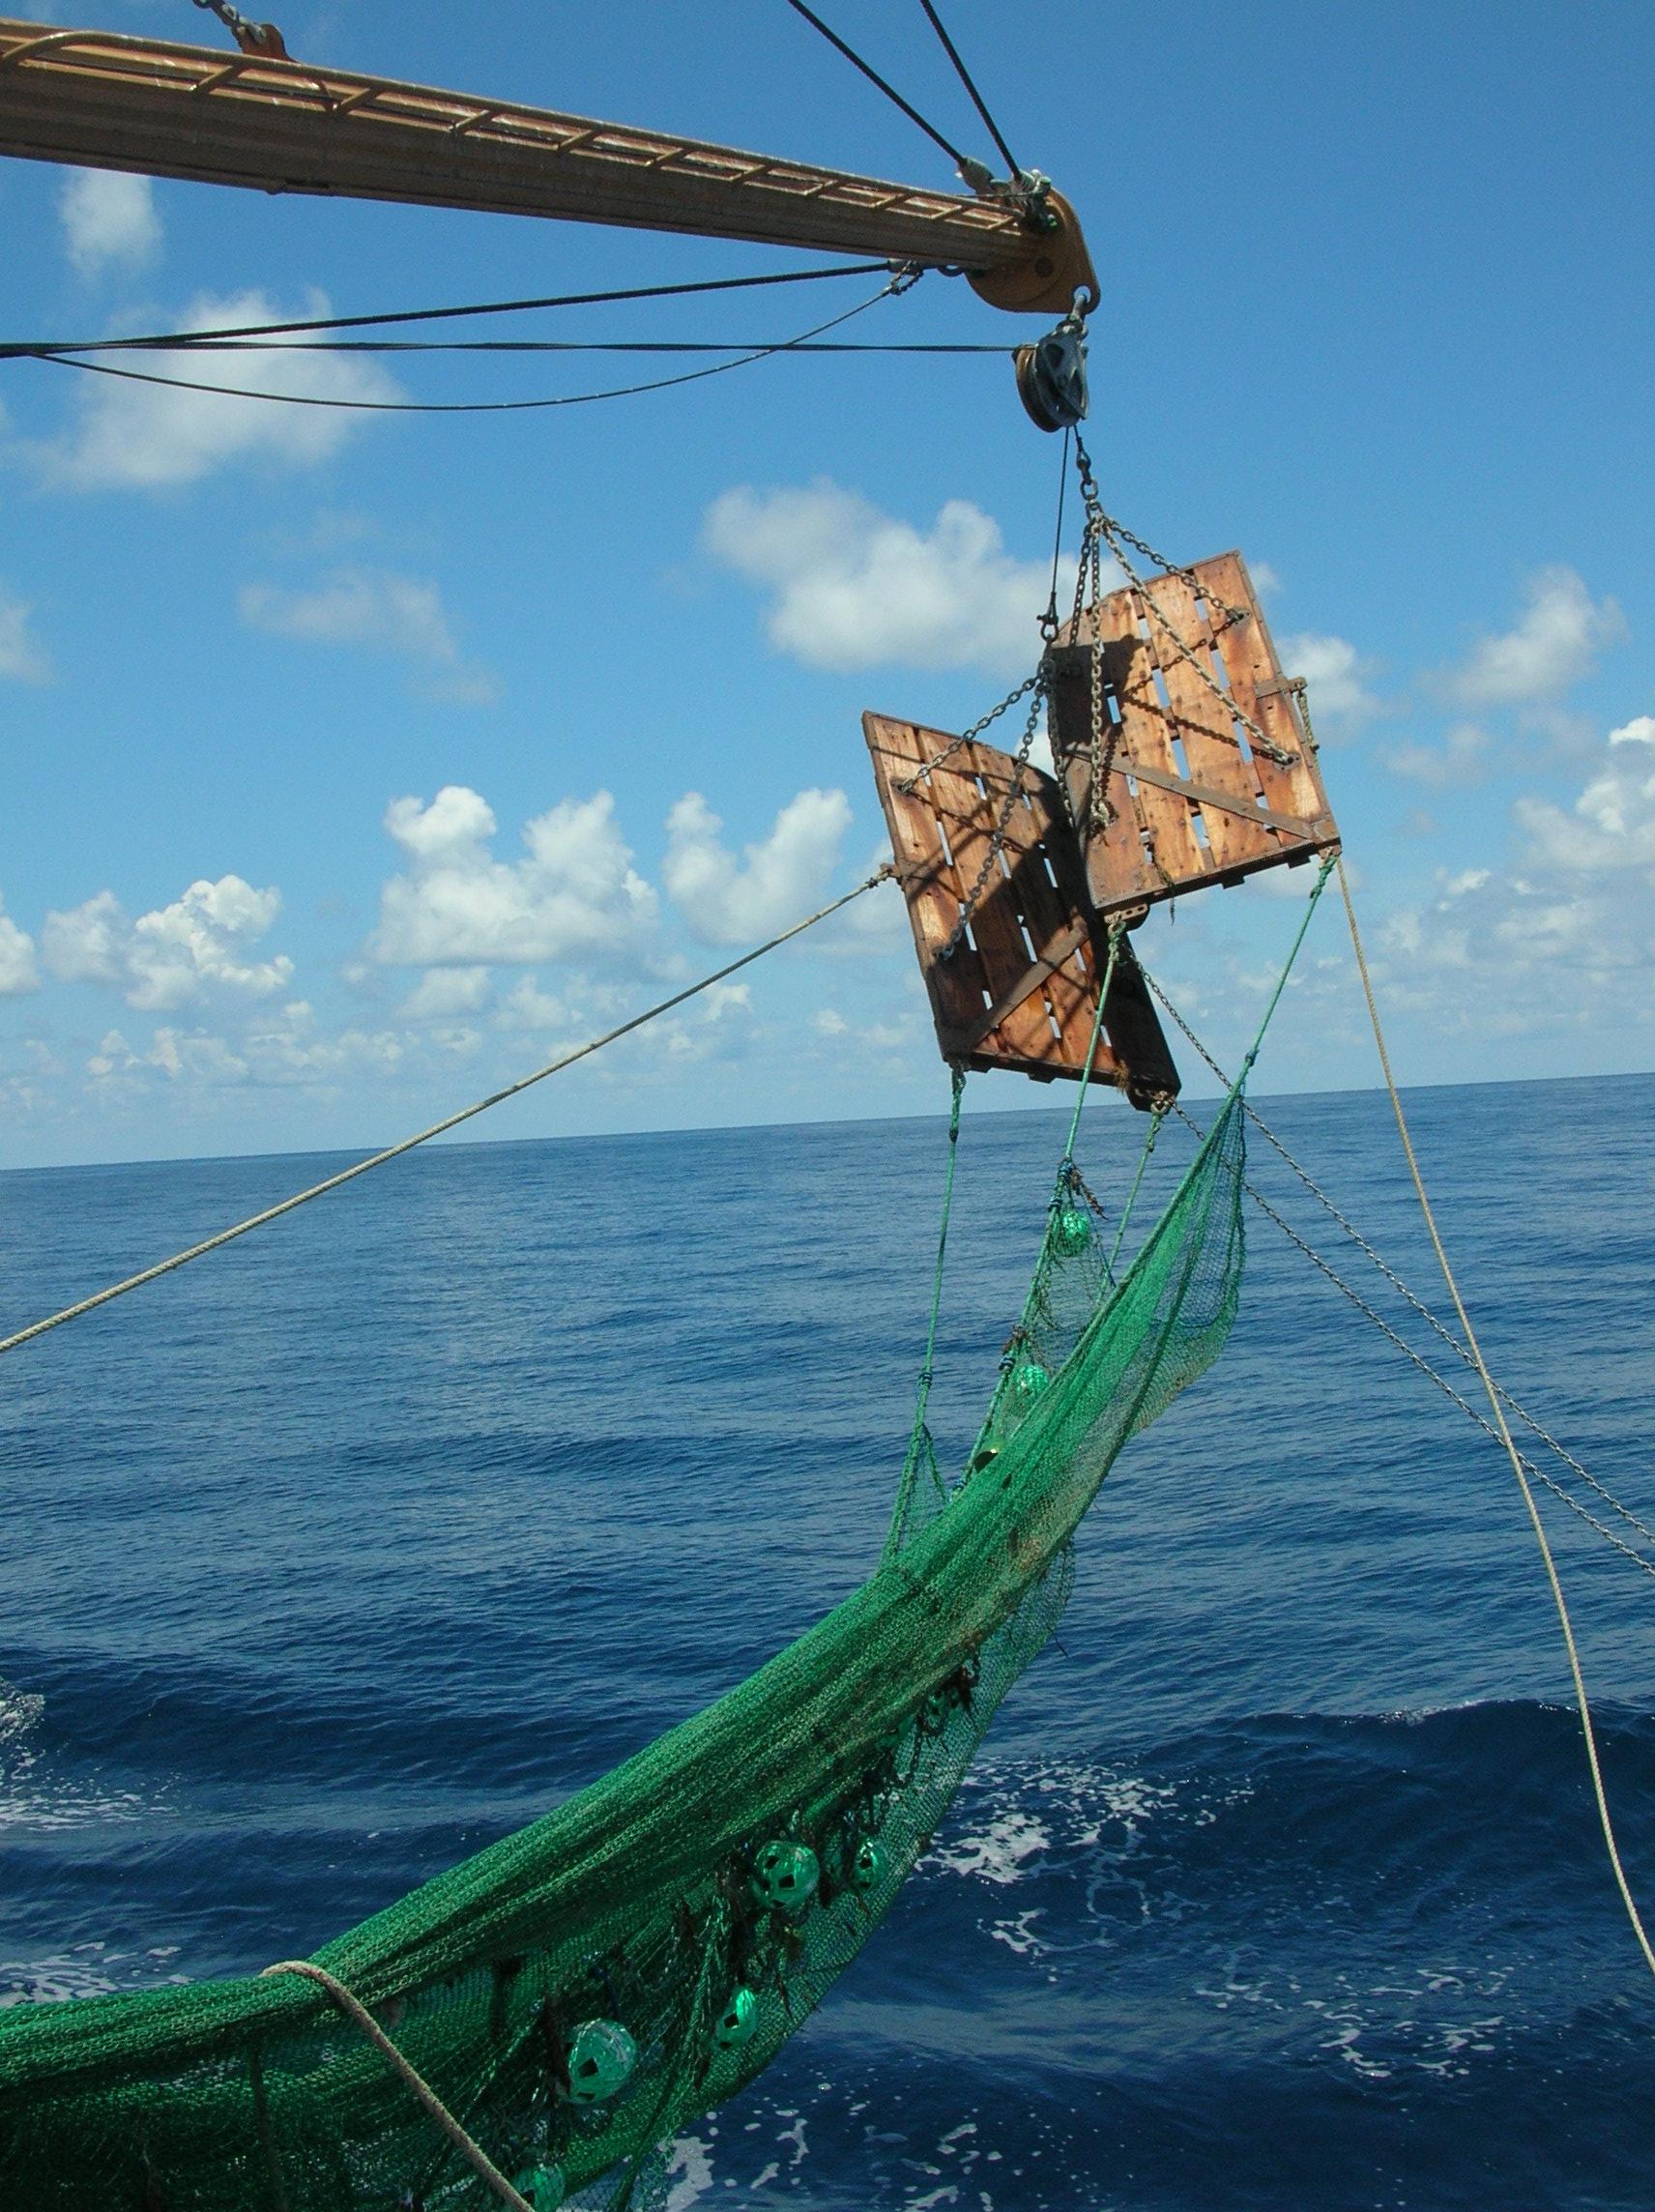 bycatch reduction device